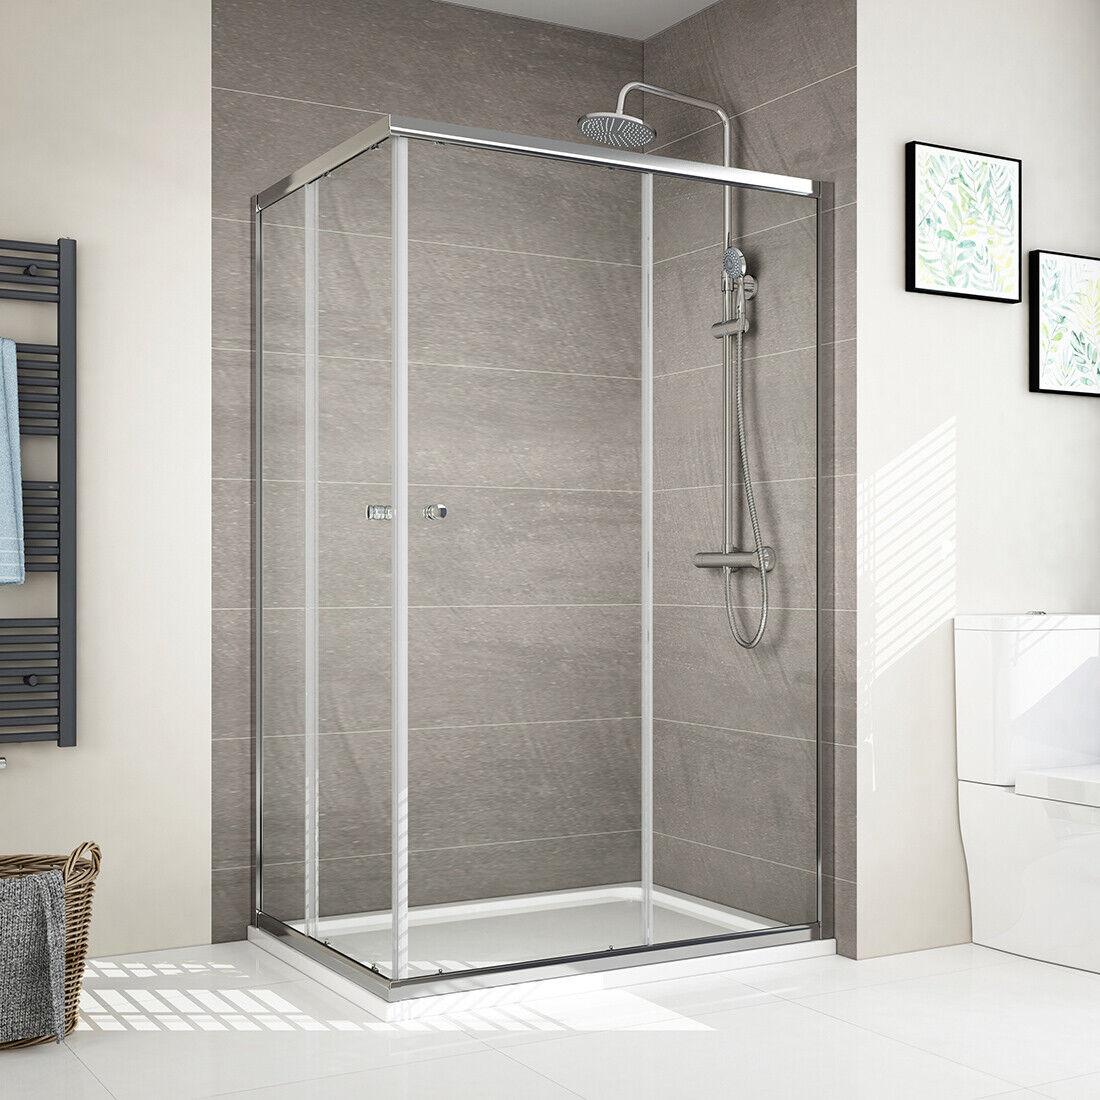 80x120cm Duschkabine Eckeinstieg Schiebetür Duschabtrennung Duschwand ESG Glas